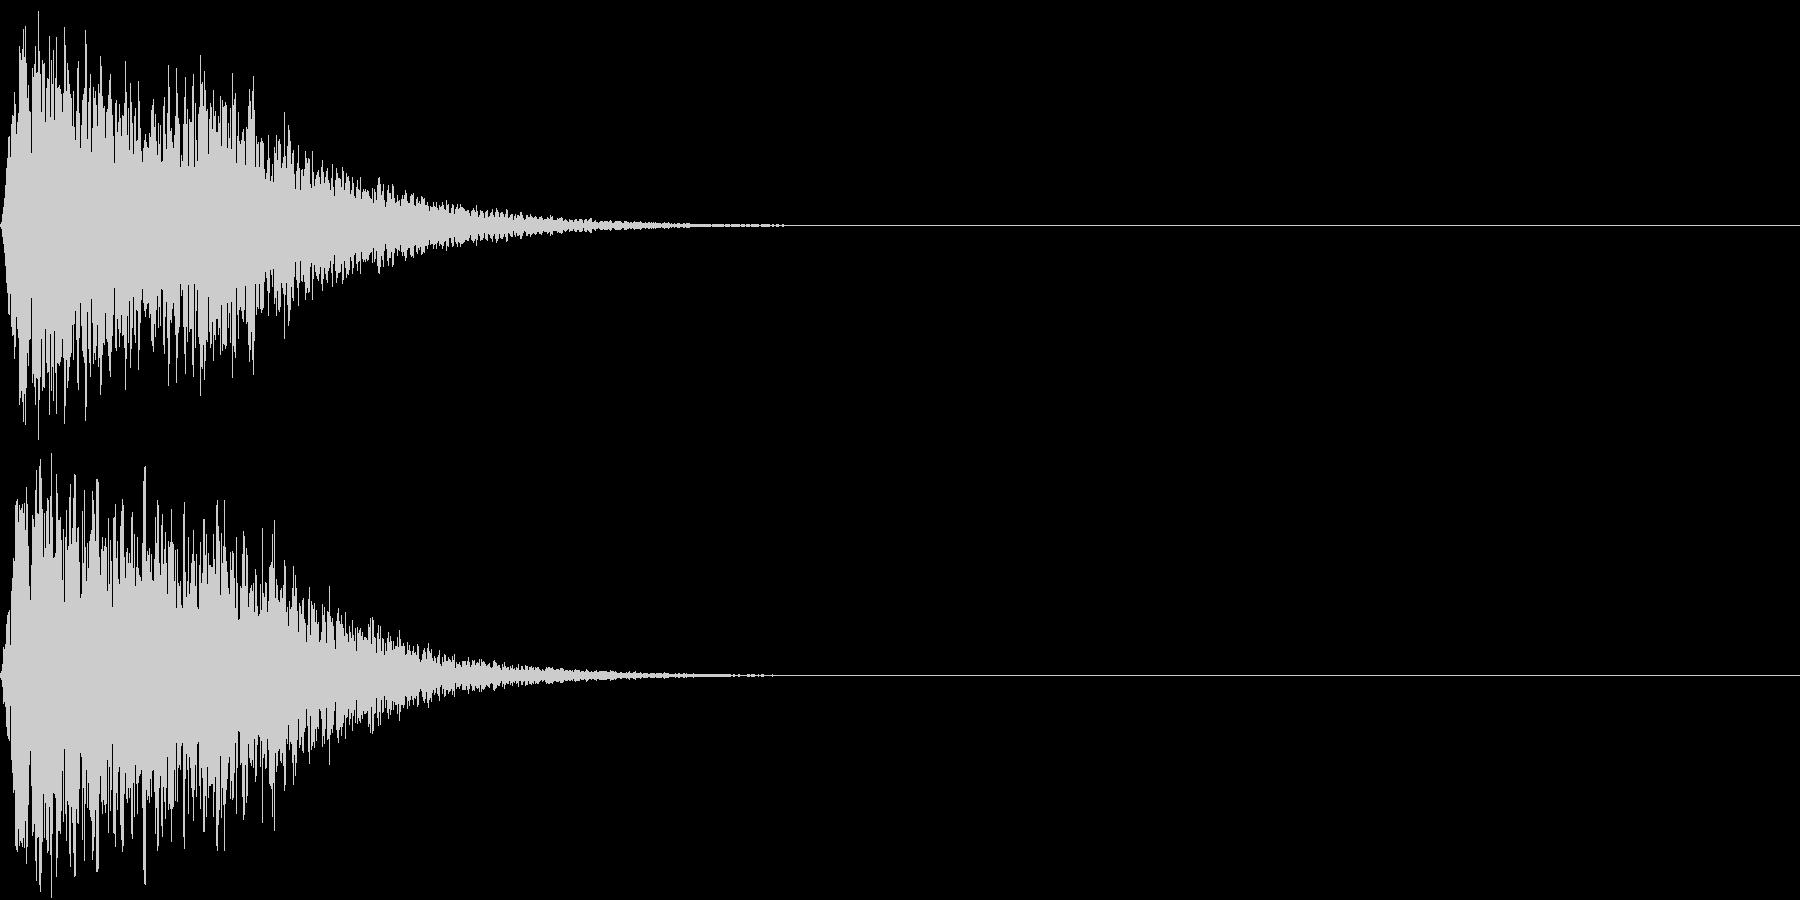 キュイン ボタン ピキーン キーン 10の未再生の波形